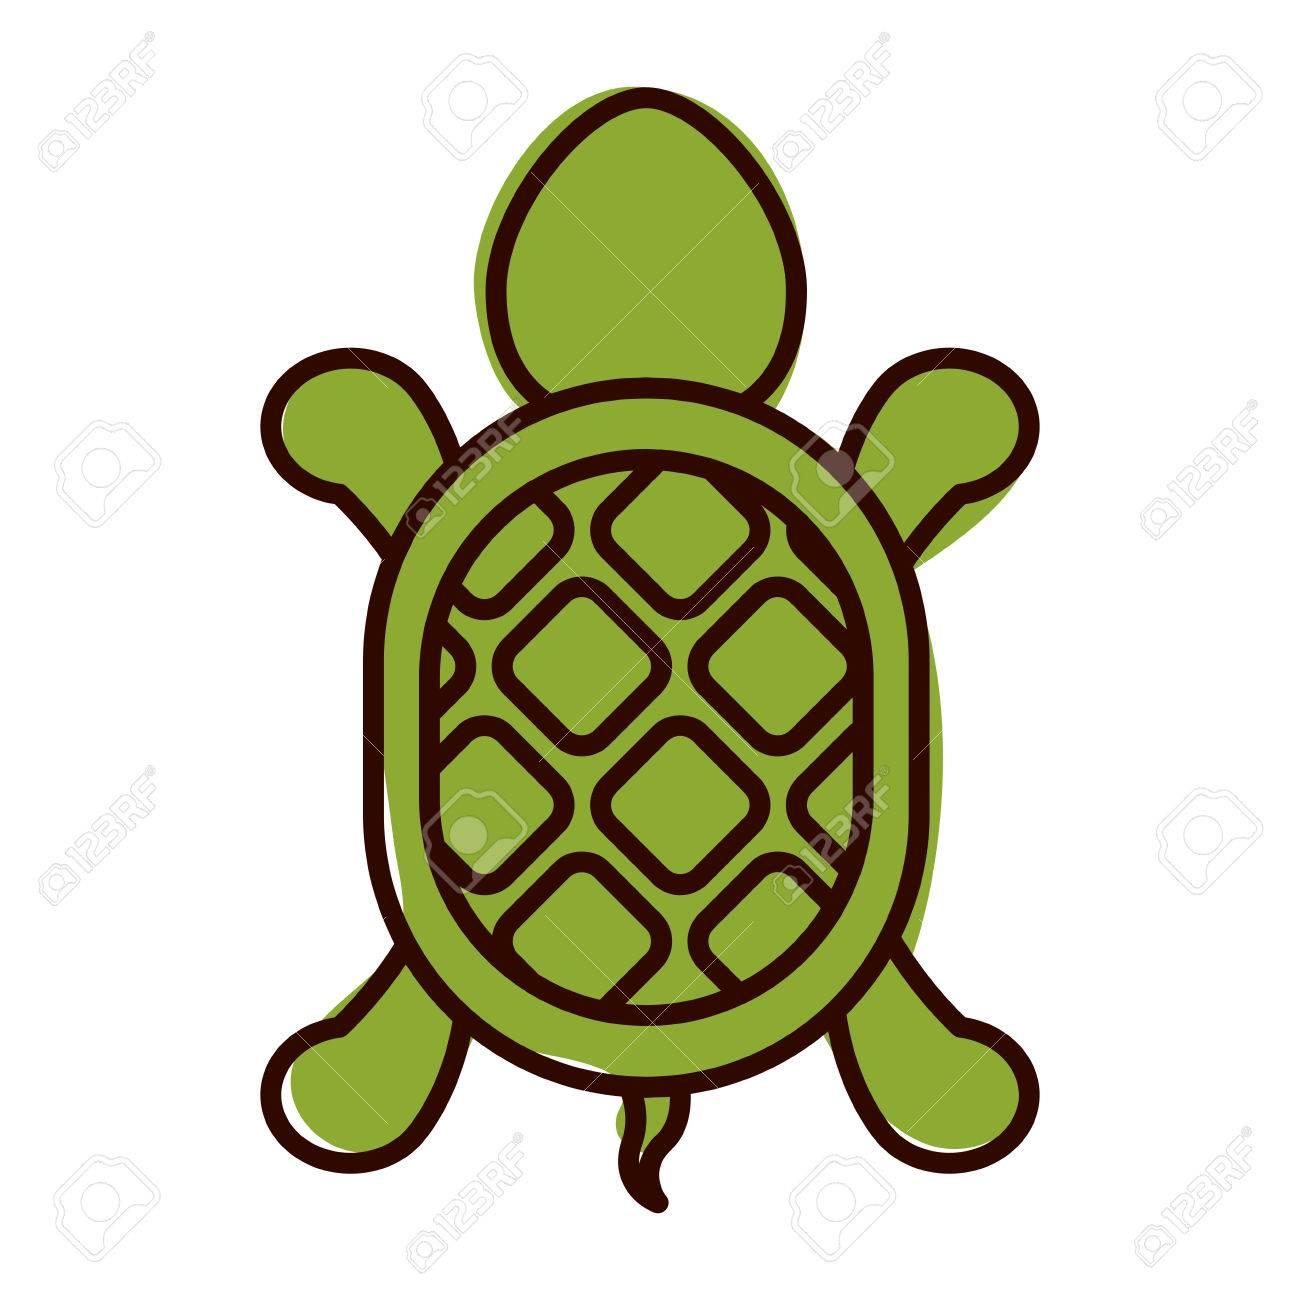 Charmant Schildkröte Bild Zu Färben Zeitgenössisch - Framing ...